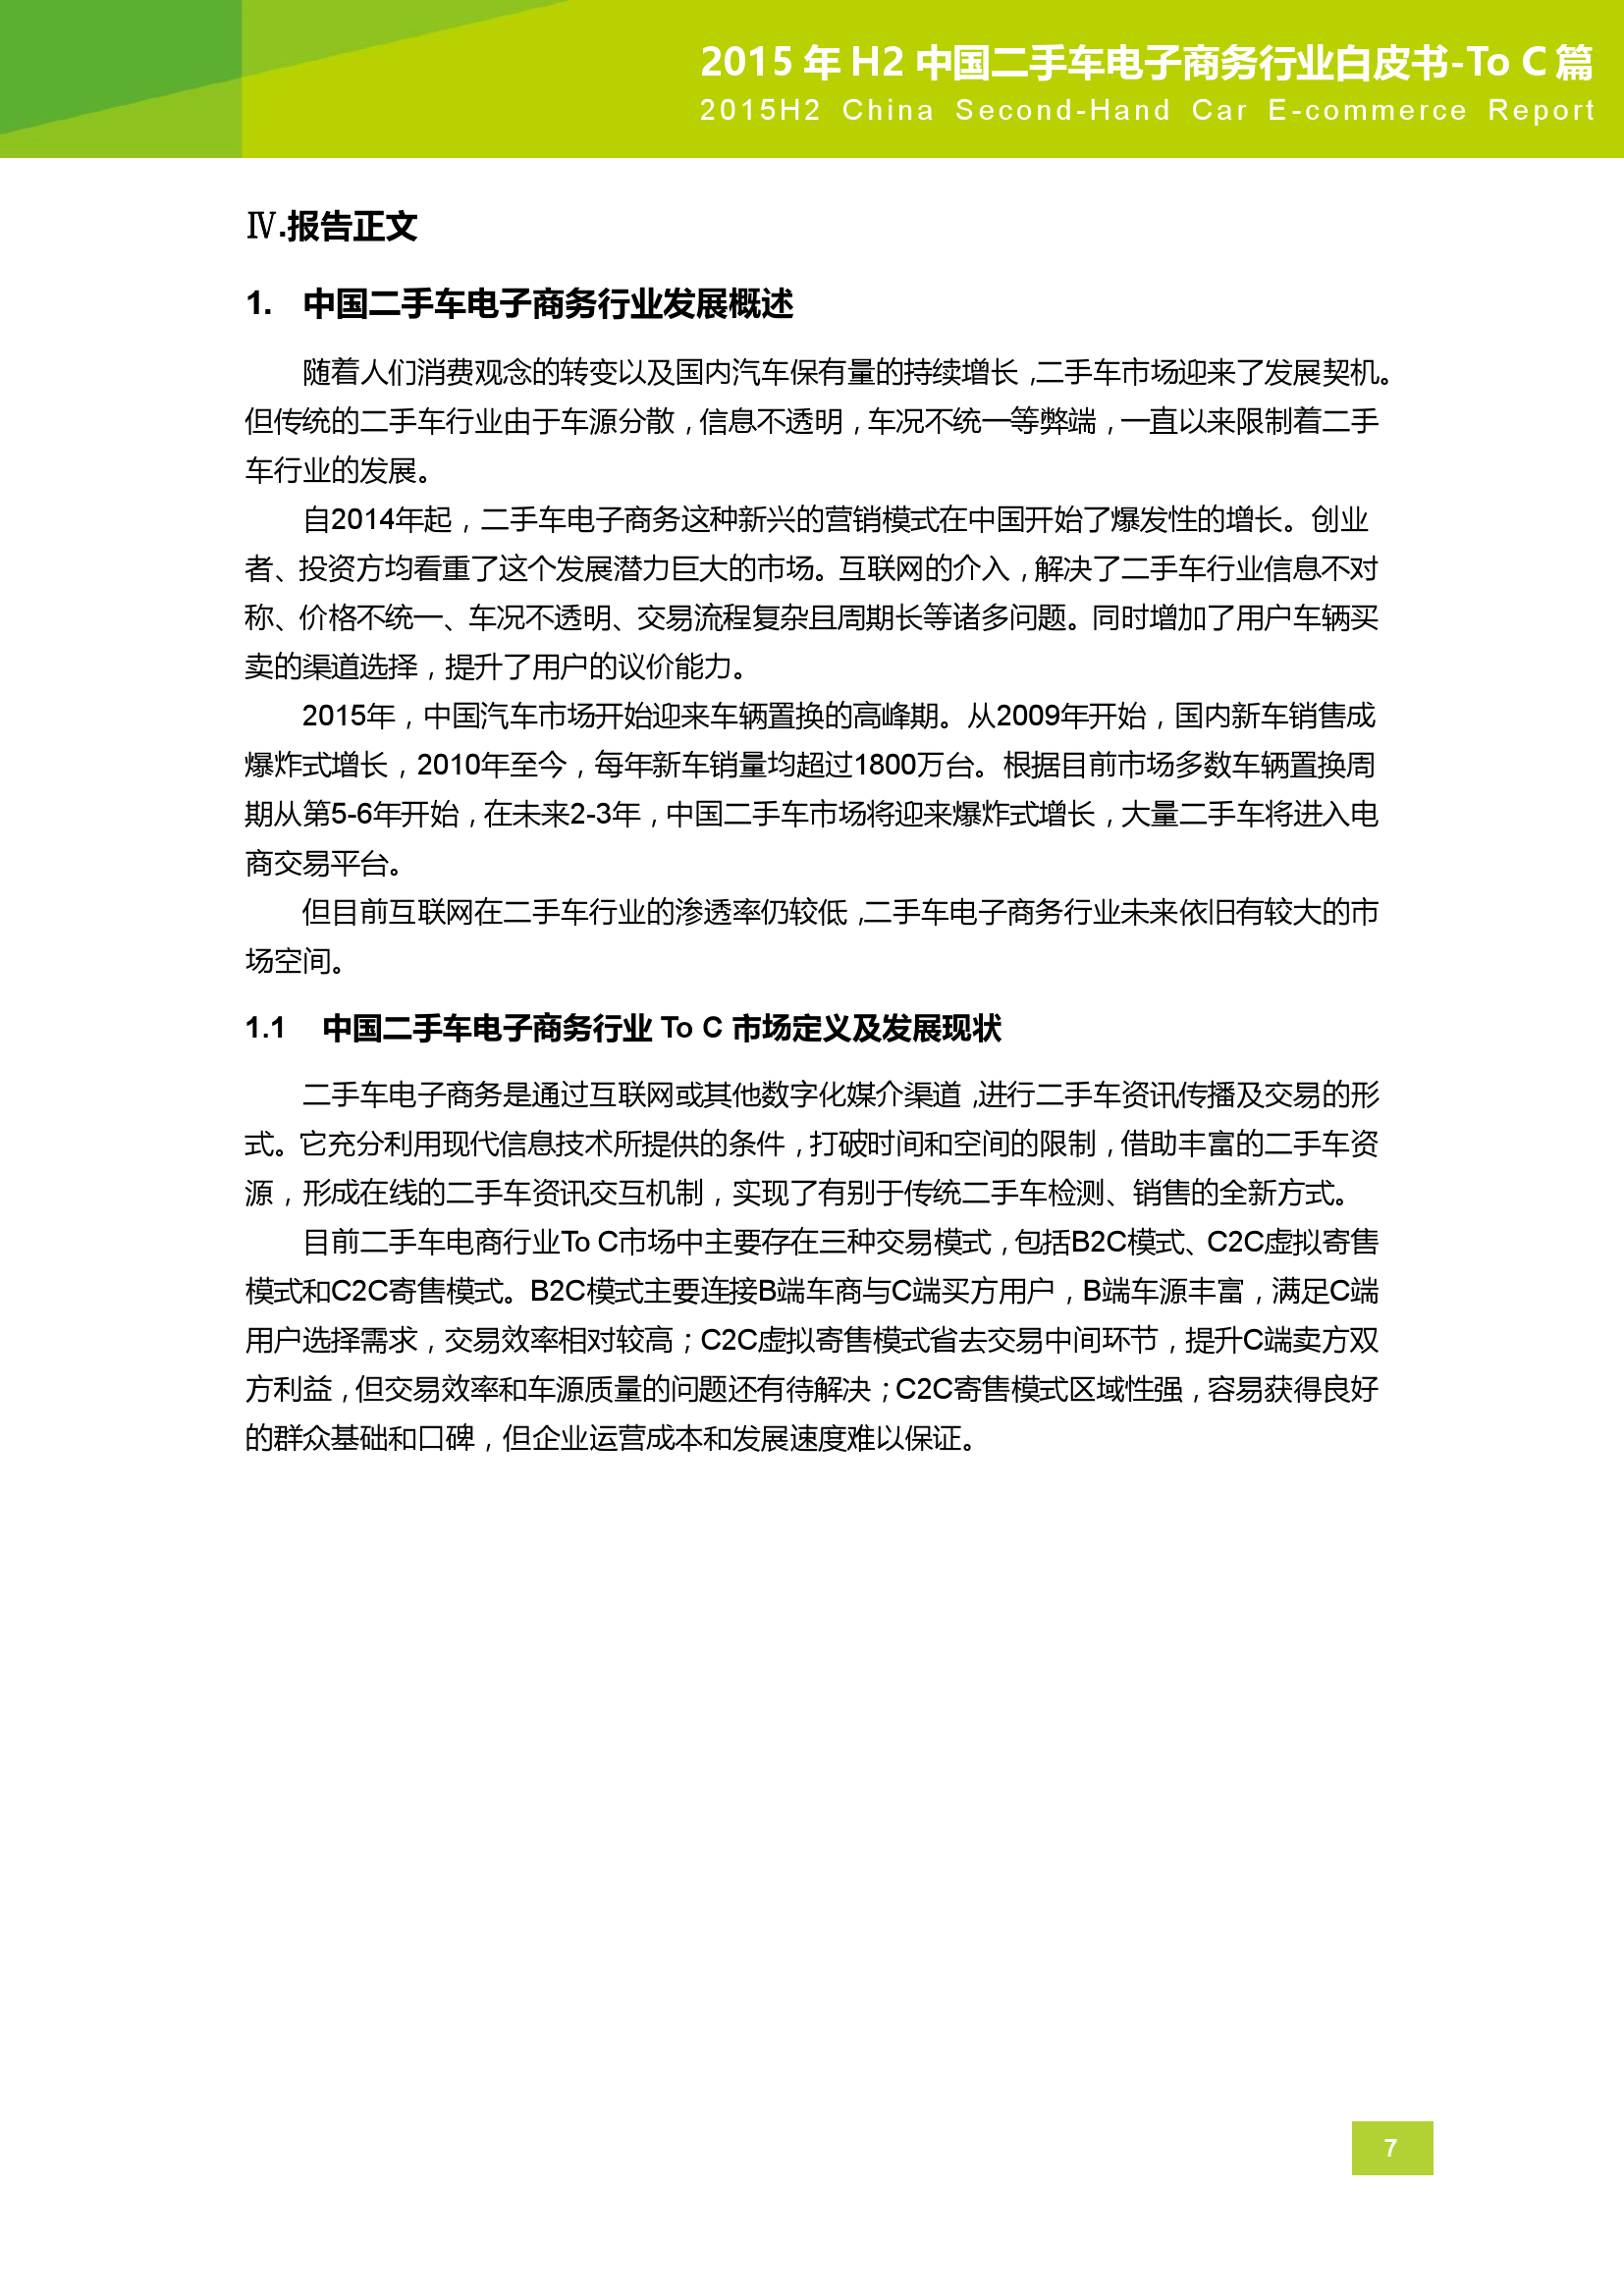 2015年H2中国二手车电子商务行业白皮书_000007